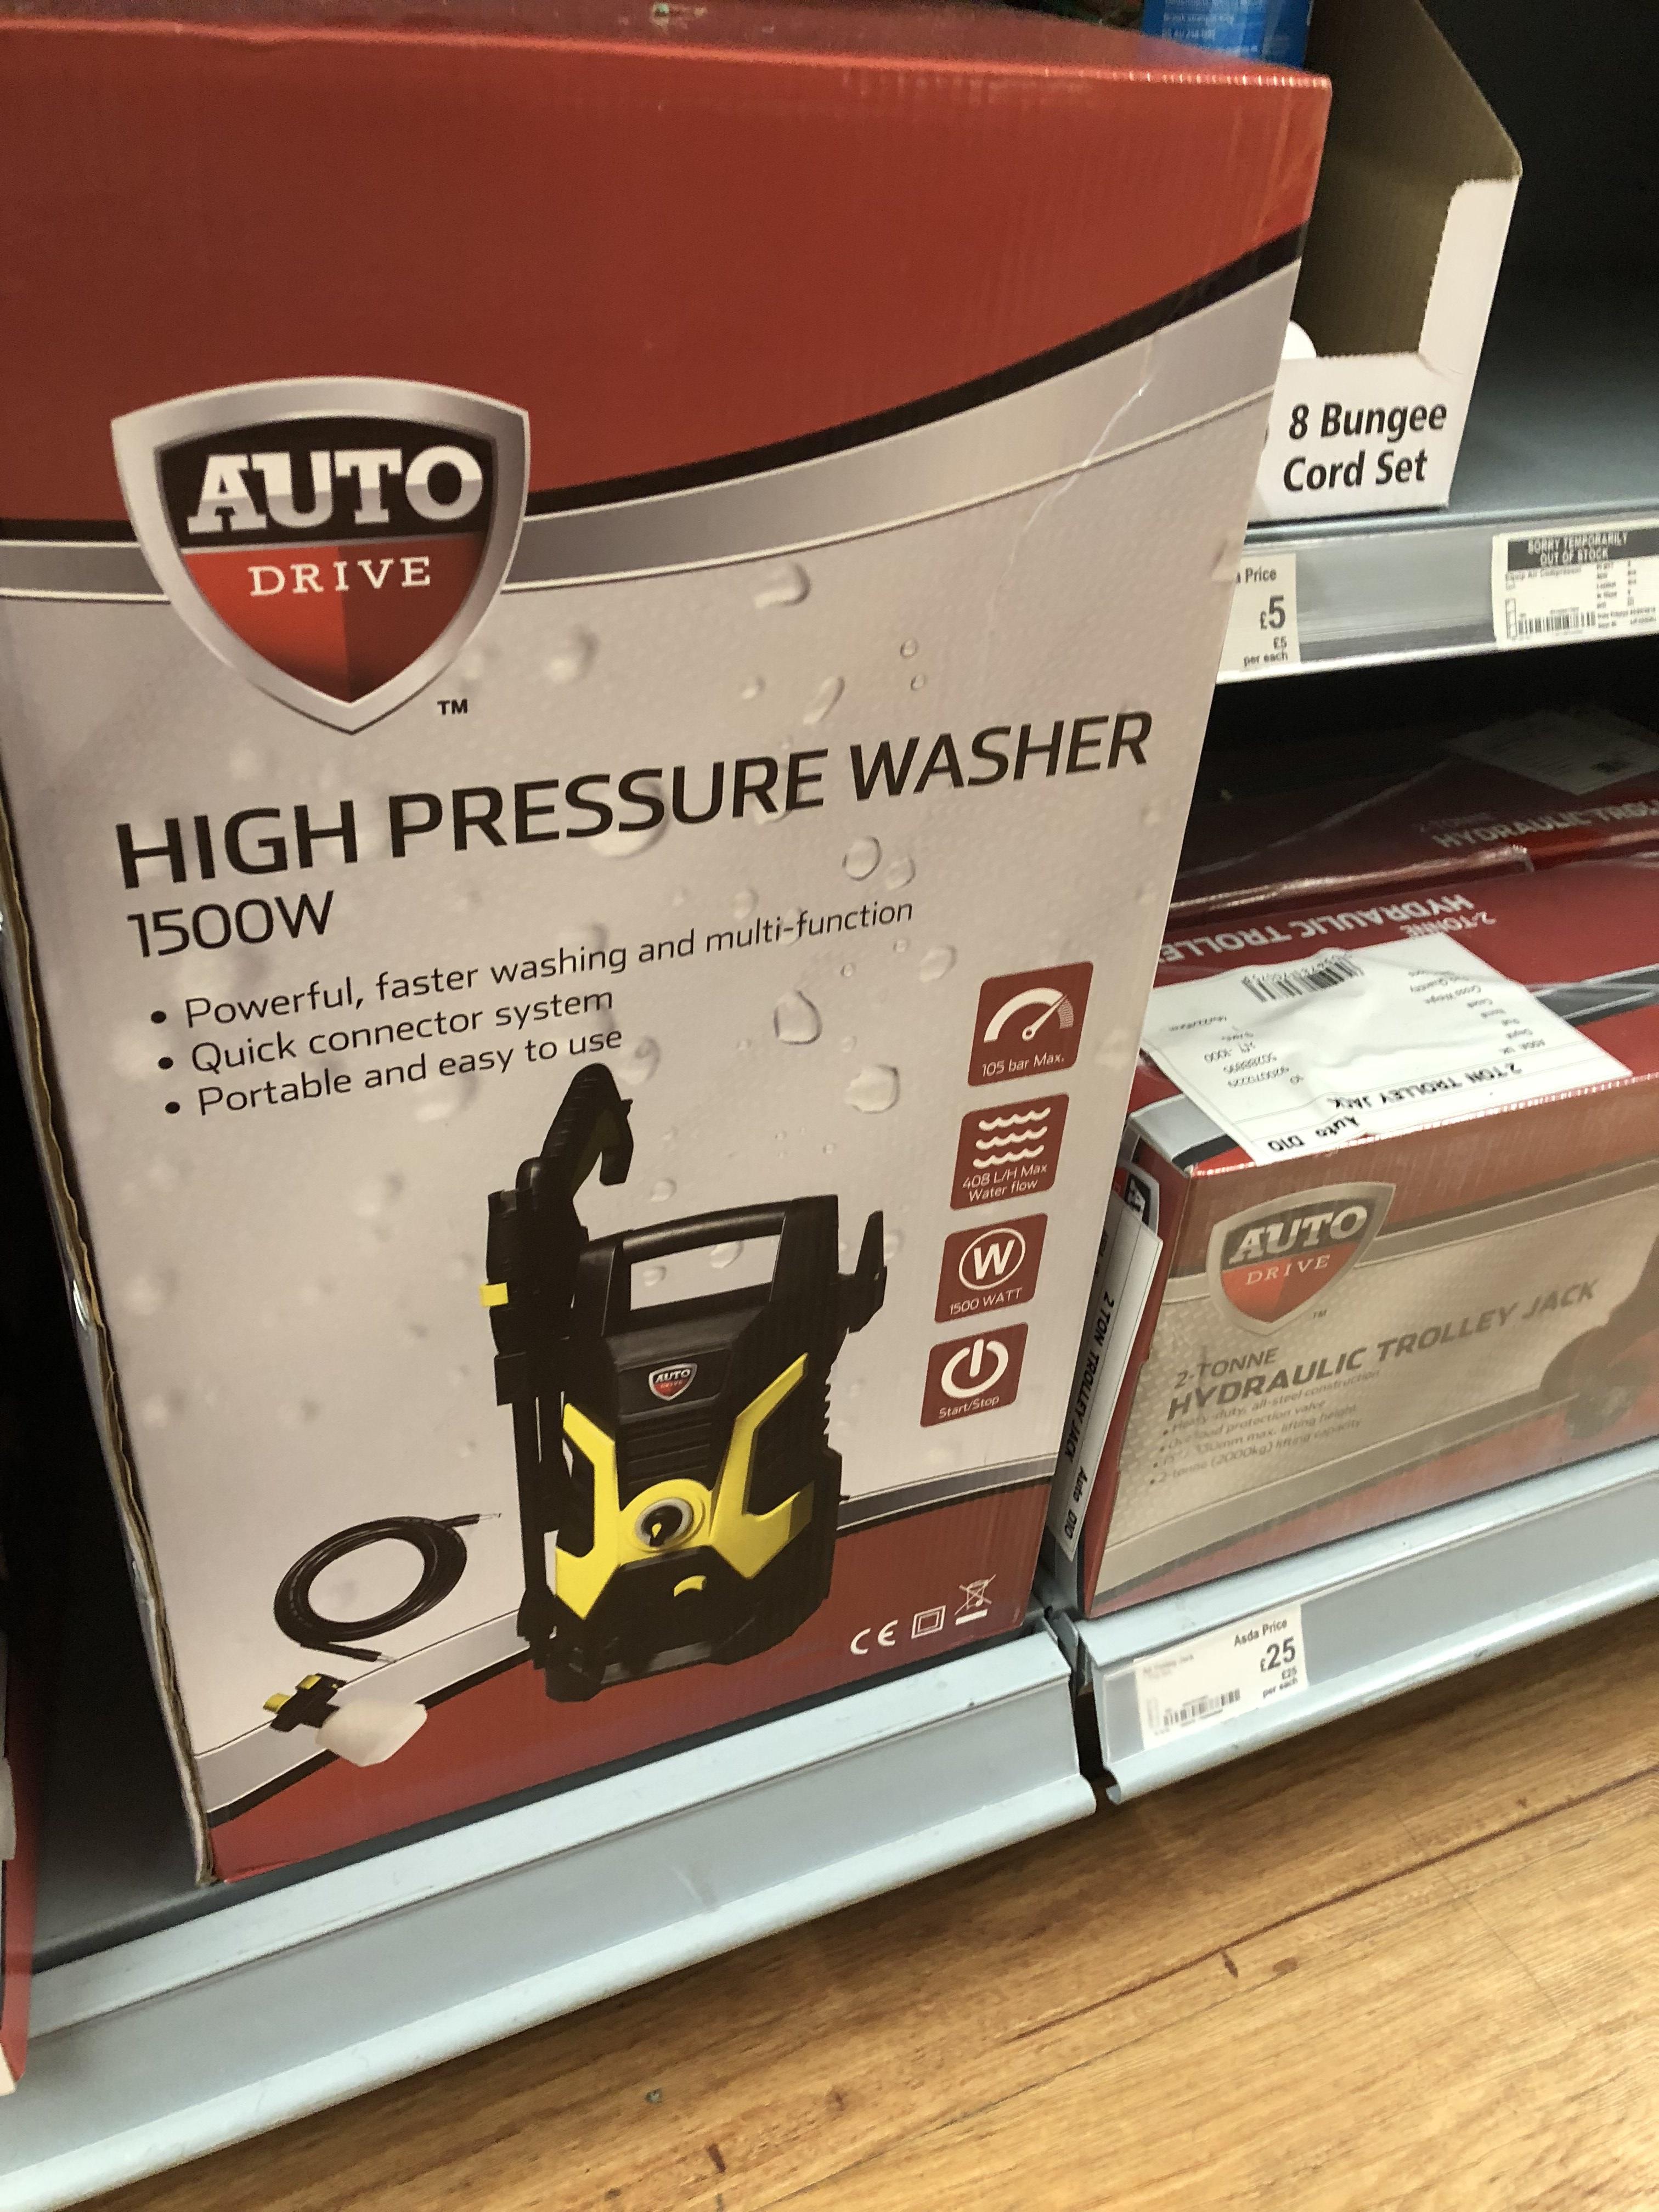 Auto Drive Asda Pressure Washer - £40 instore @ Asda (Sheffield)